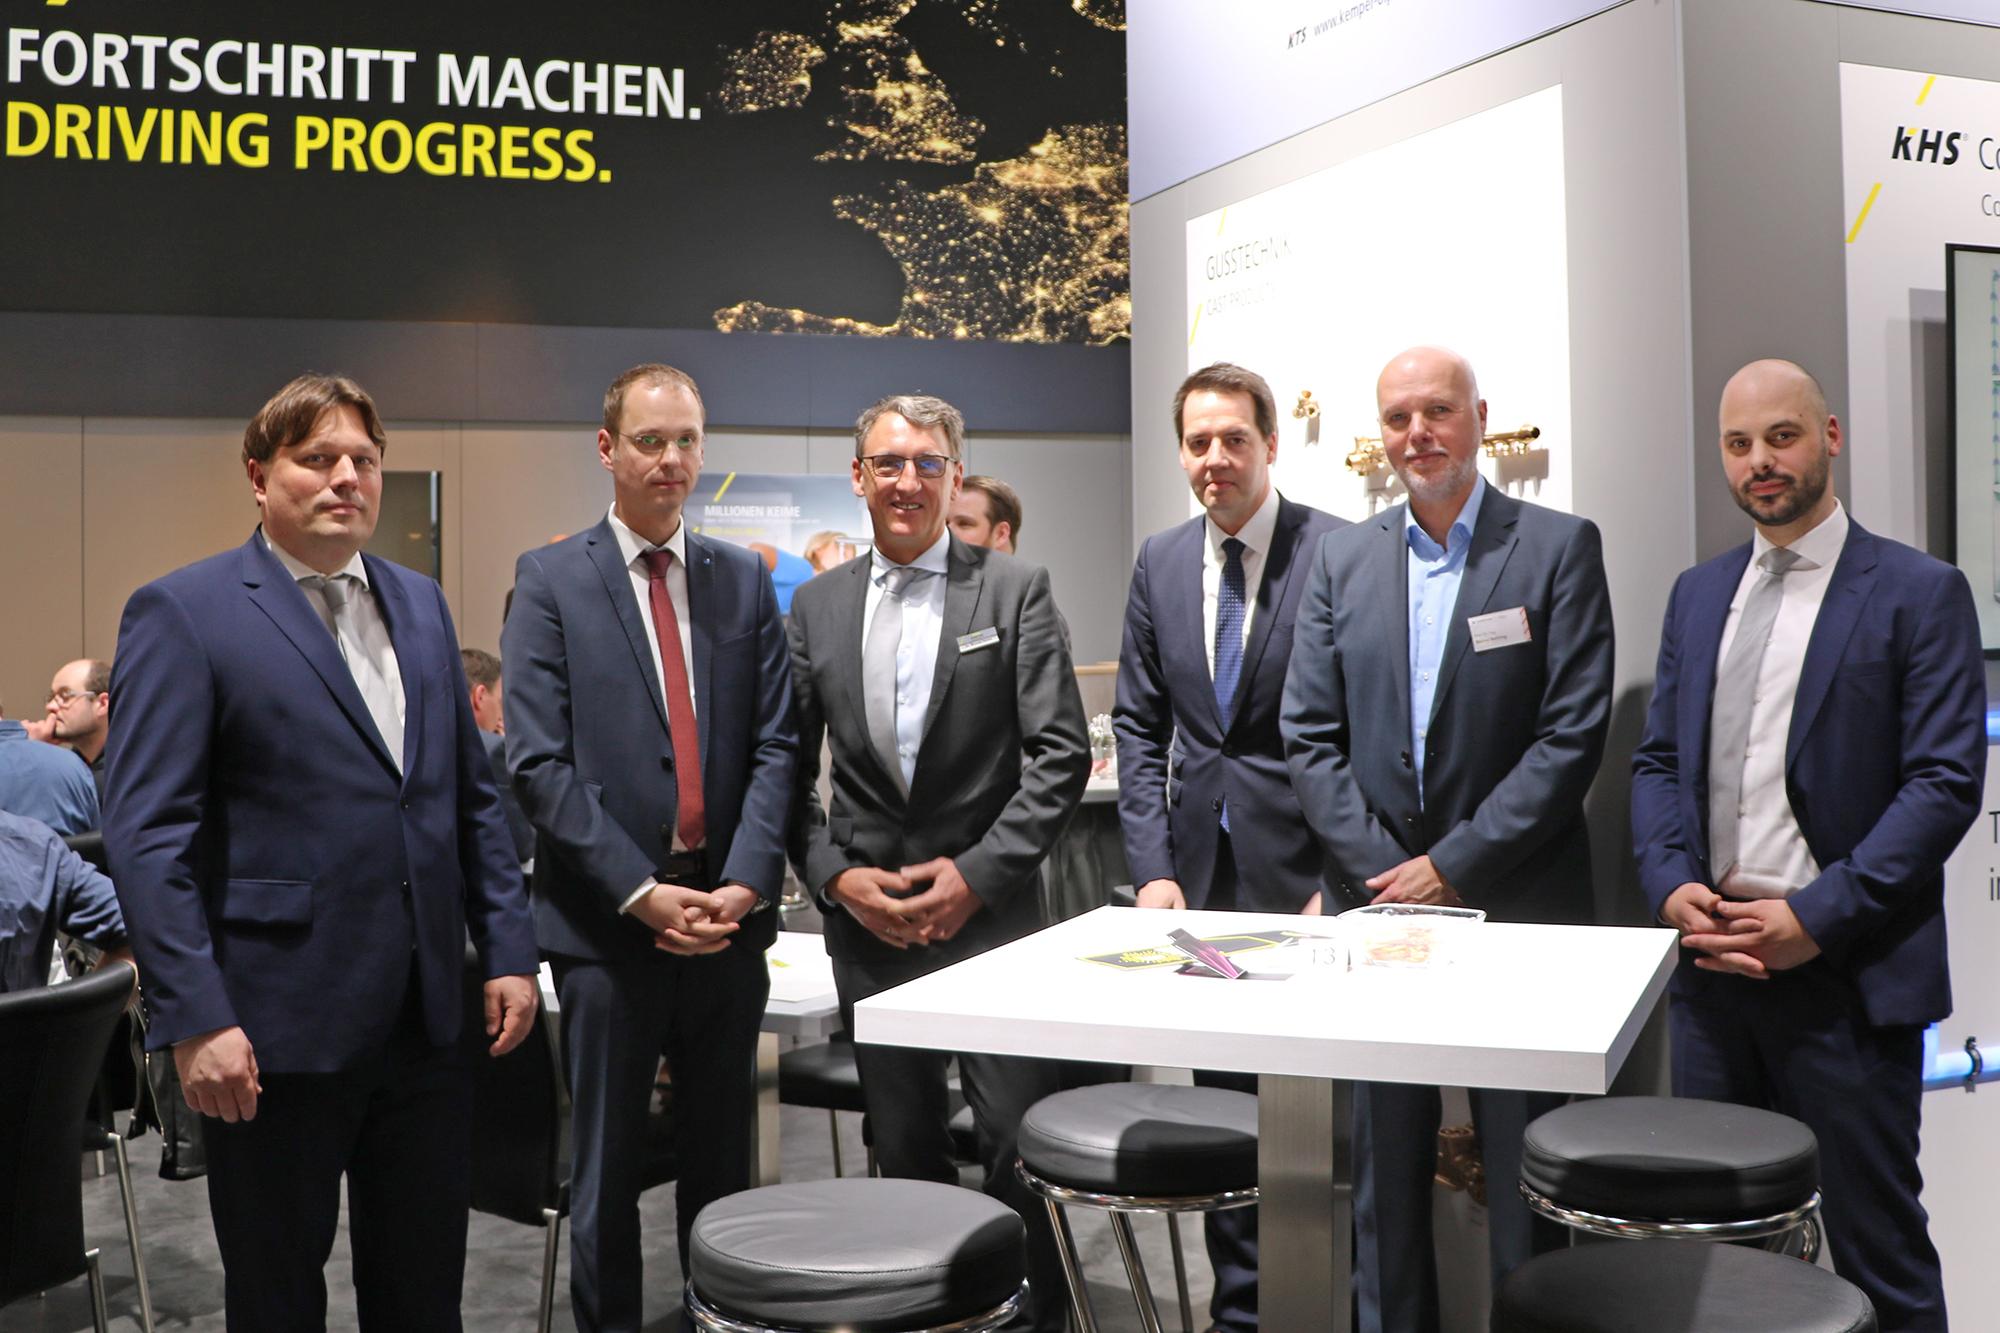 Kooperationspartner auf der ISH Frankfurter nach Vertragsunterzeichnung